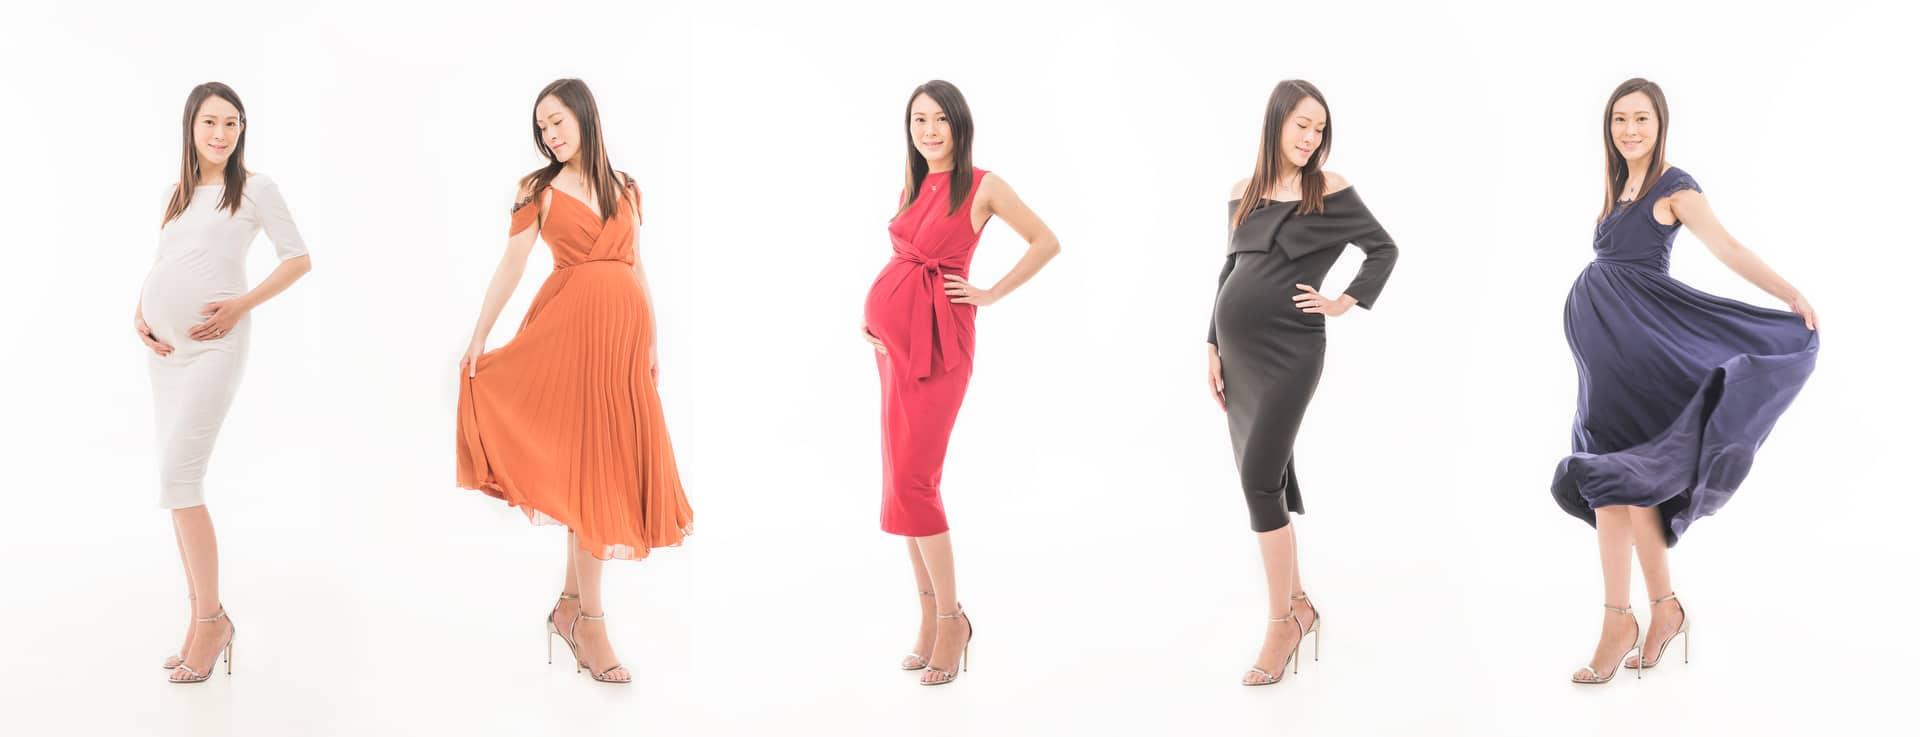 pregnancy promo 14